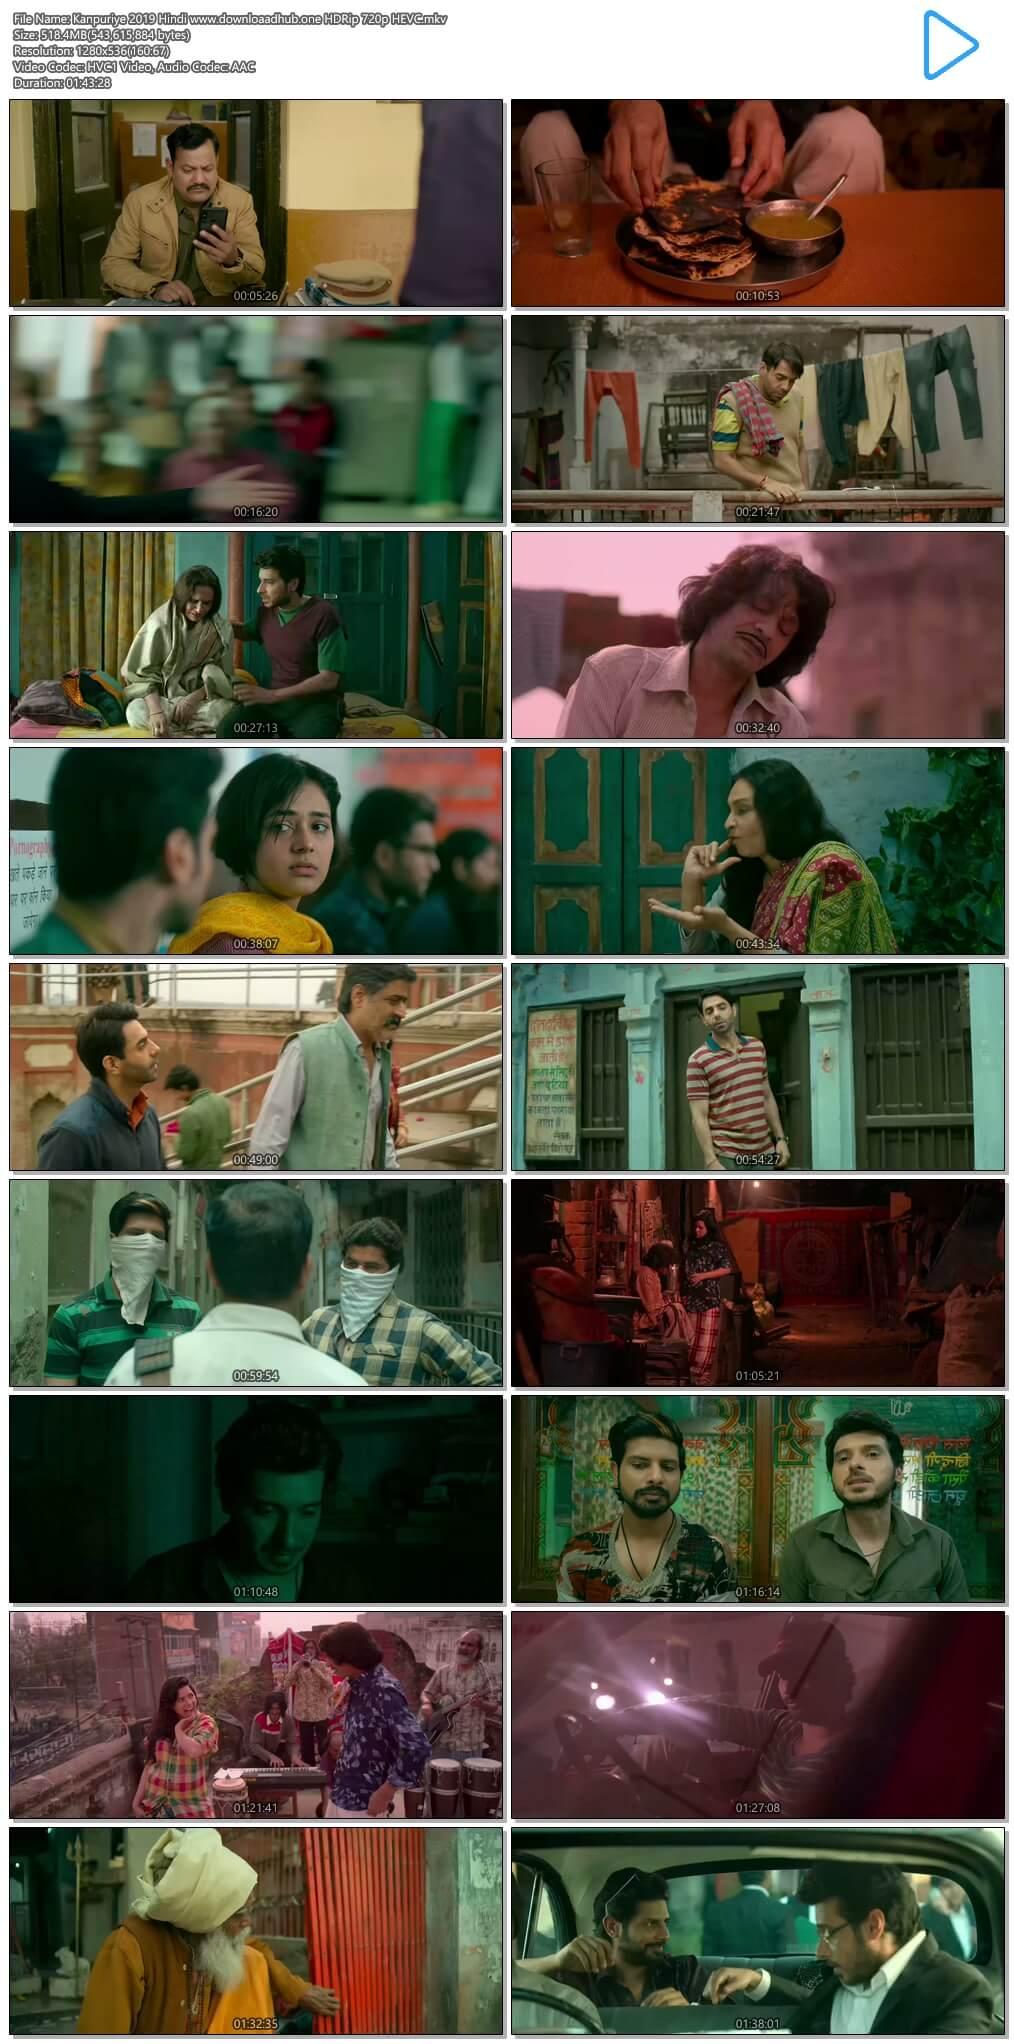 Kanpuriye 2019 Hindi 500MB HDRip 720p HEVC